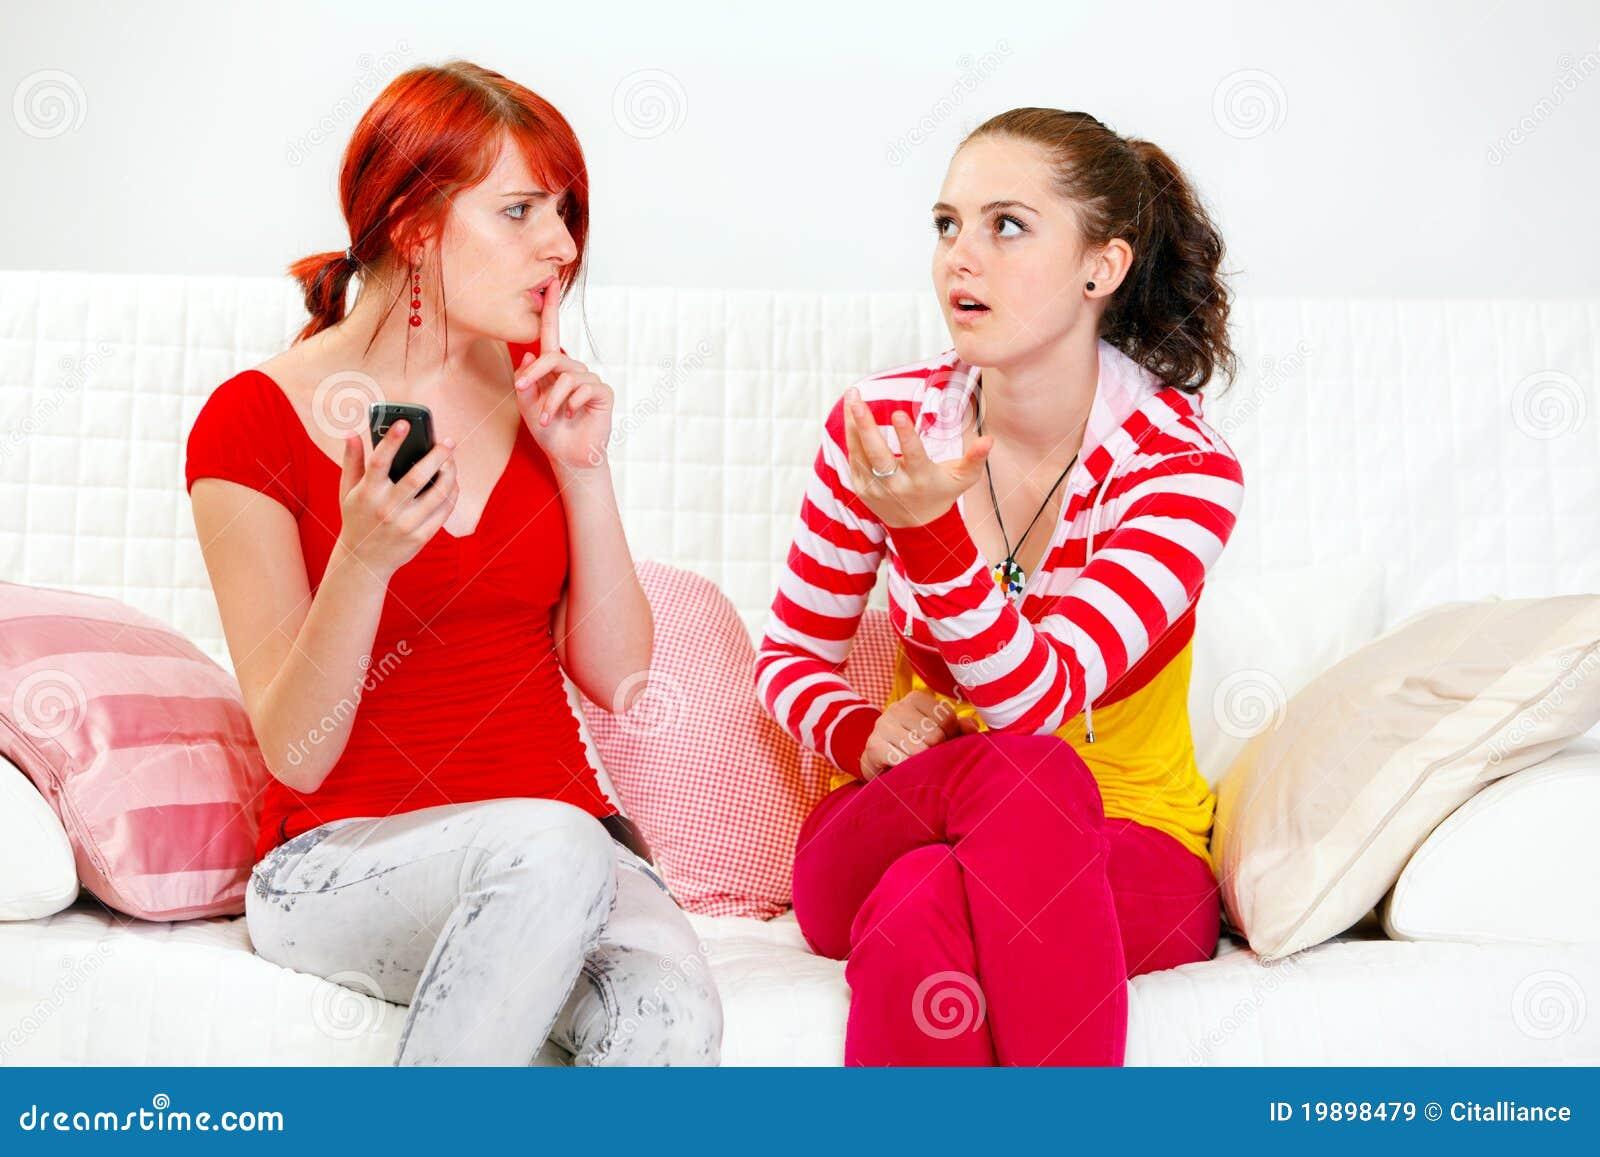 La ragazza con la mostra mobile fa tacere la sua amica